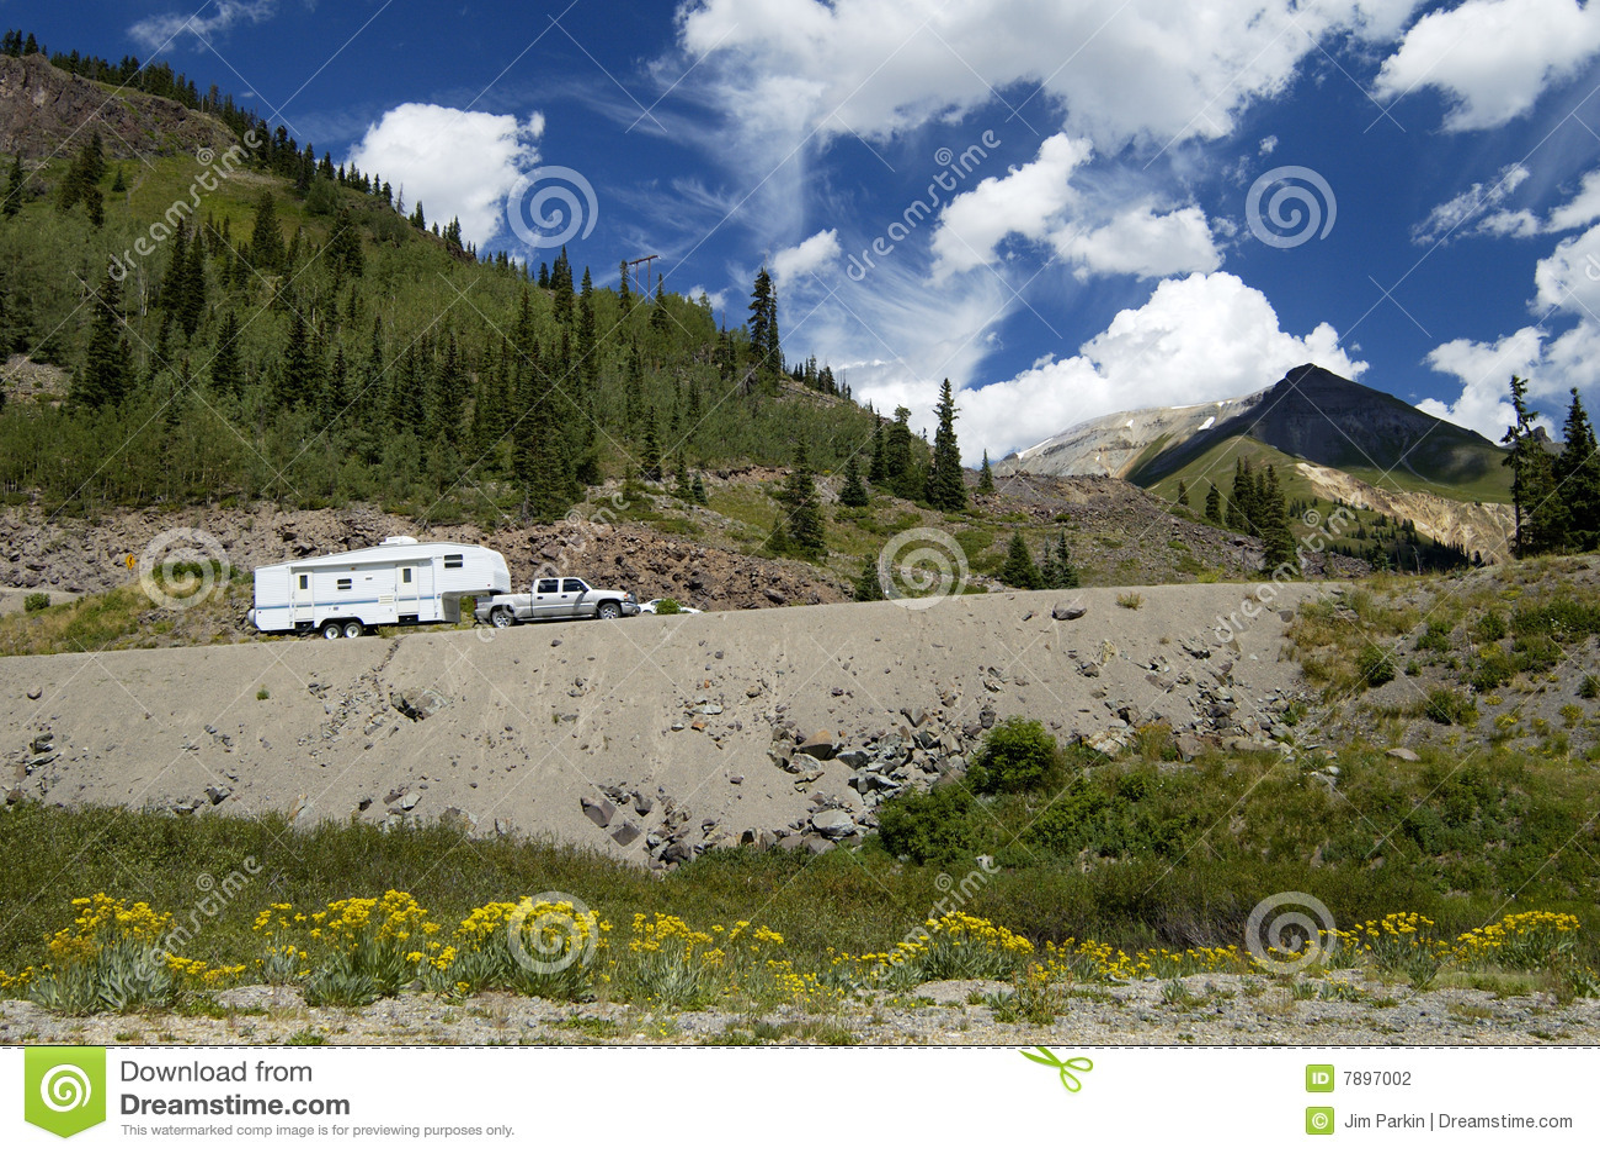 Recreatief voertuig in de bergen